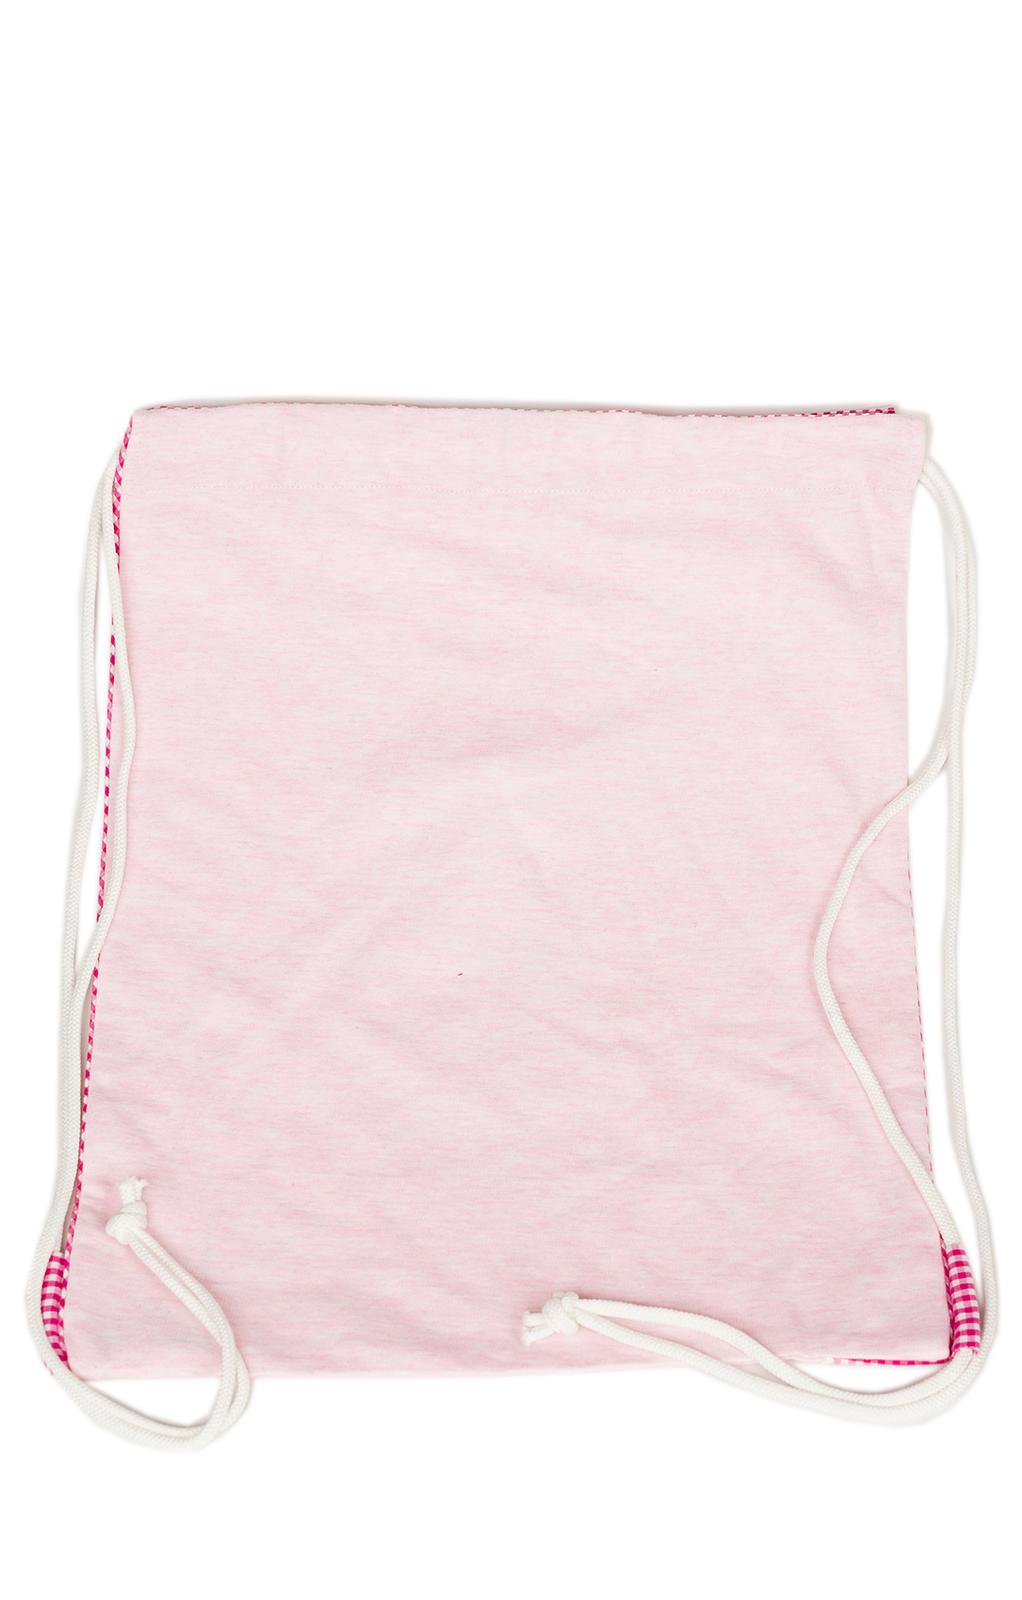 weitere Bilder von Bambi-Gymback rosa